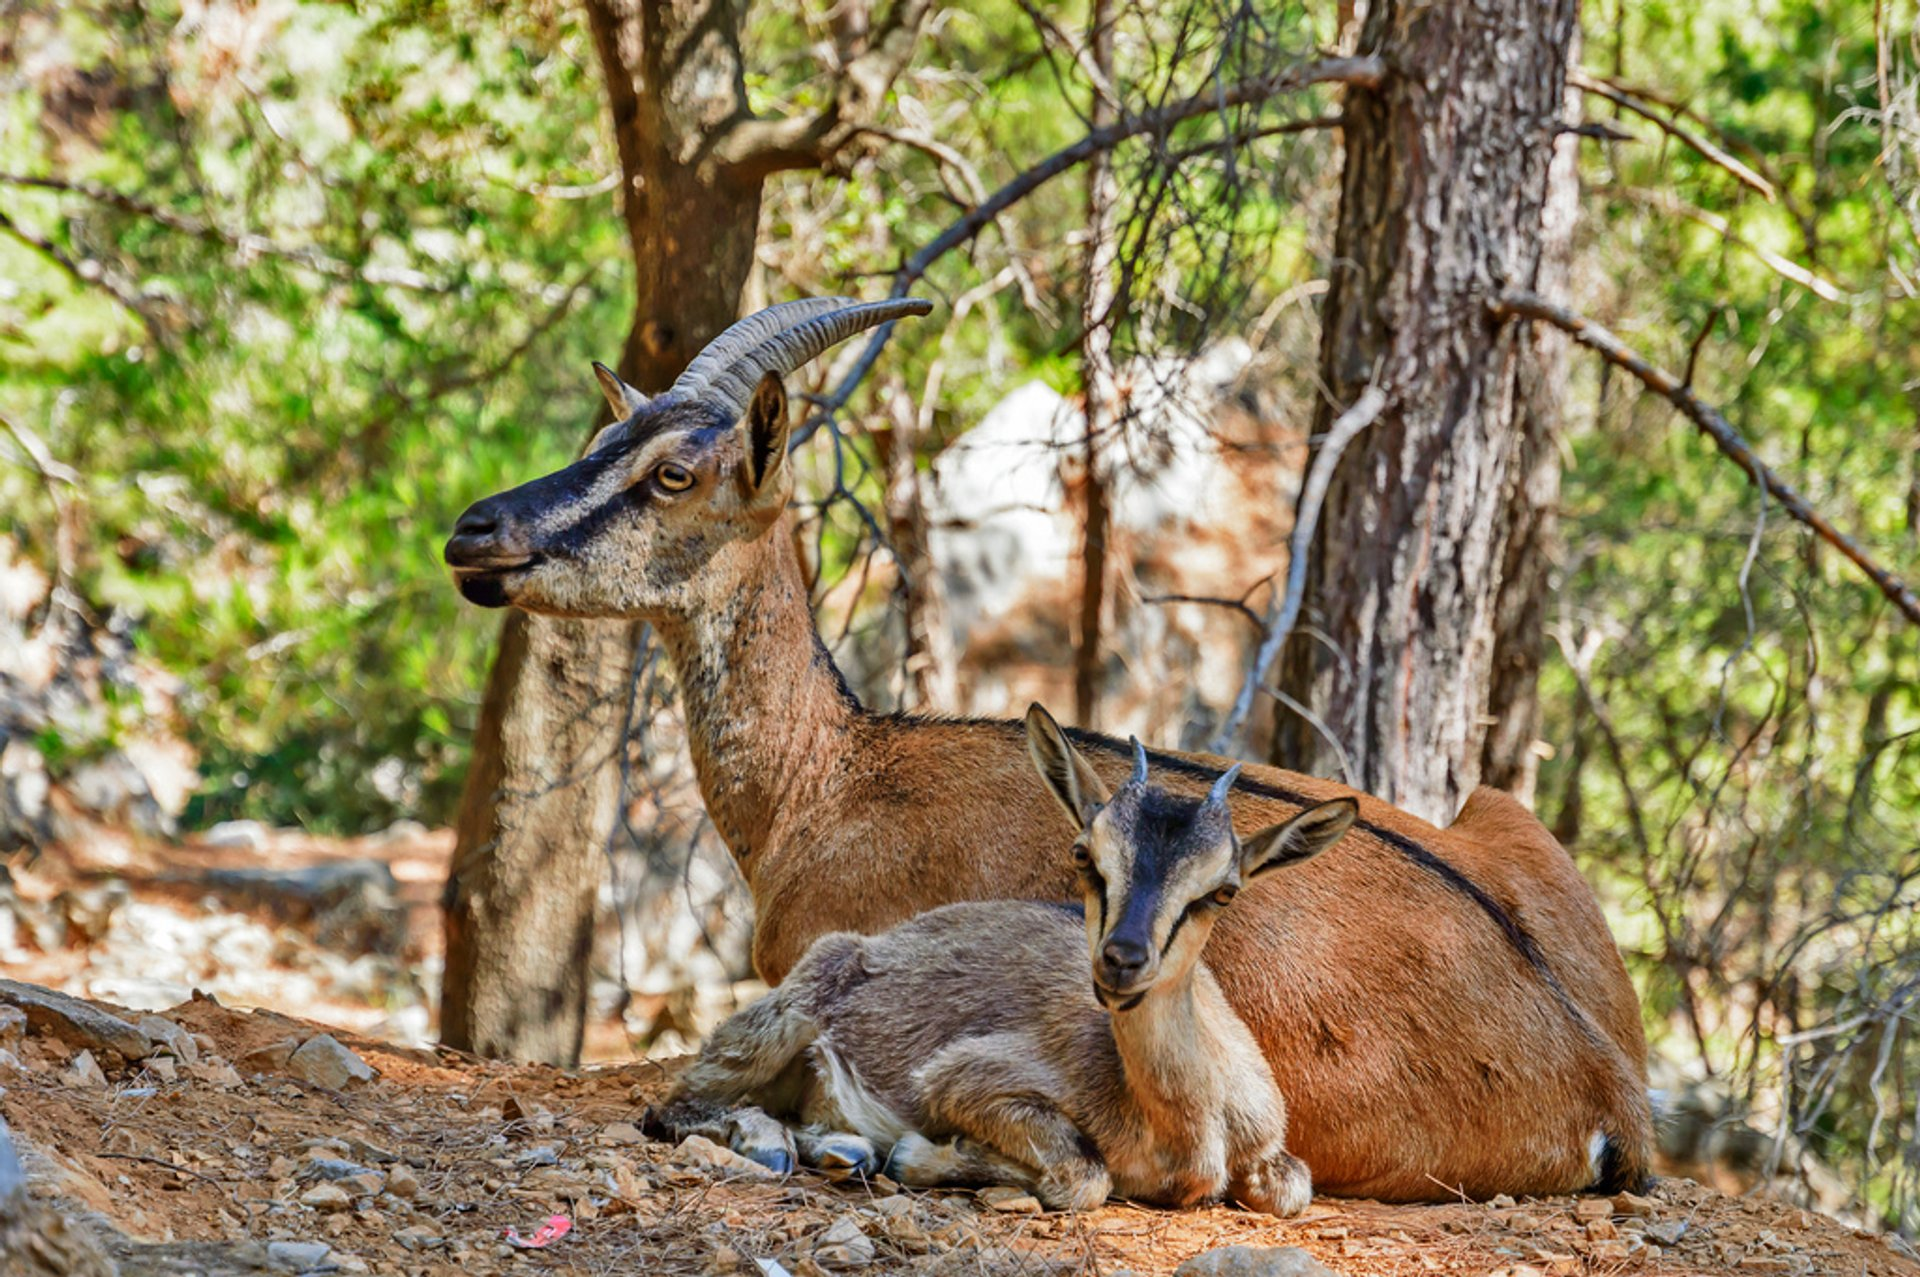 Kri-Kri wild goats